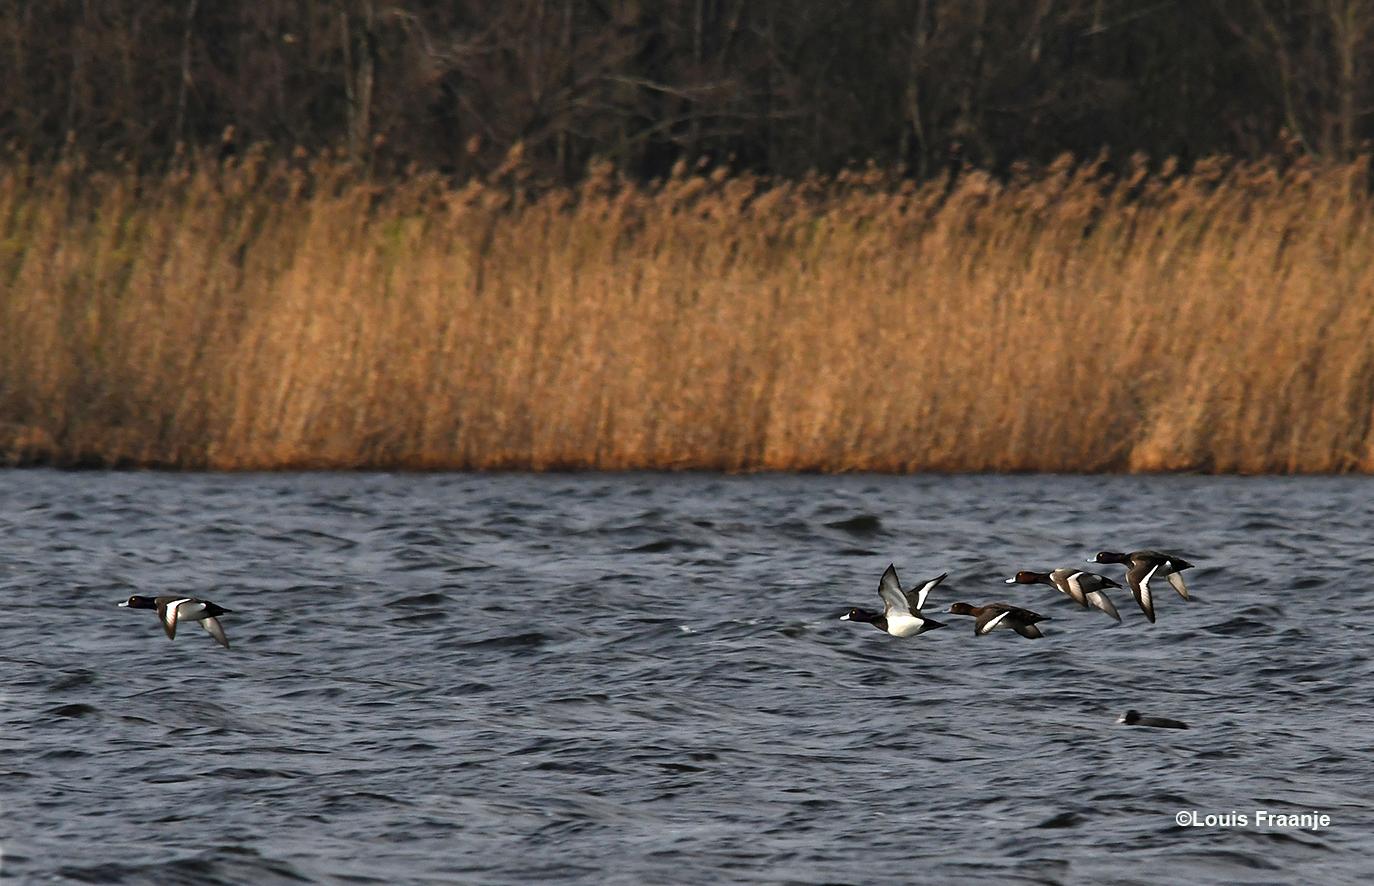 Even later kwam er een vlucht kuifeenden heel laag over het water voorbij vliegen - Foto: ©Louis Fraanje